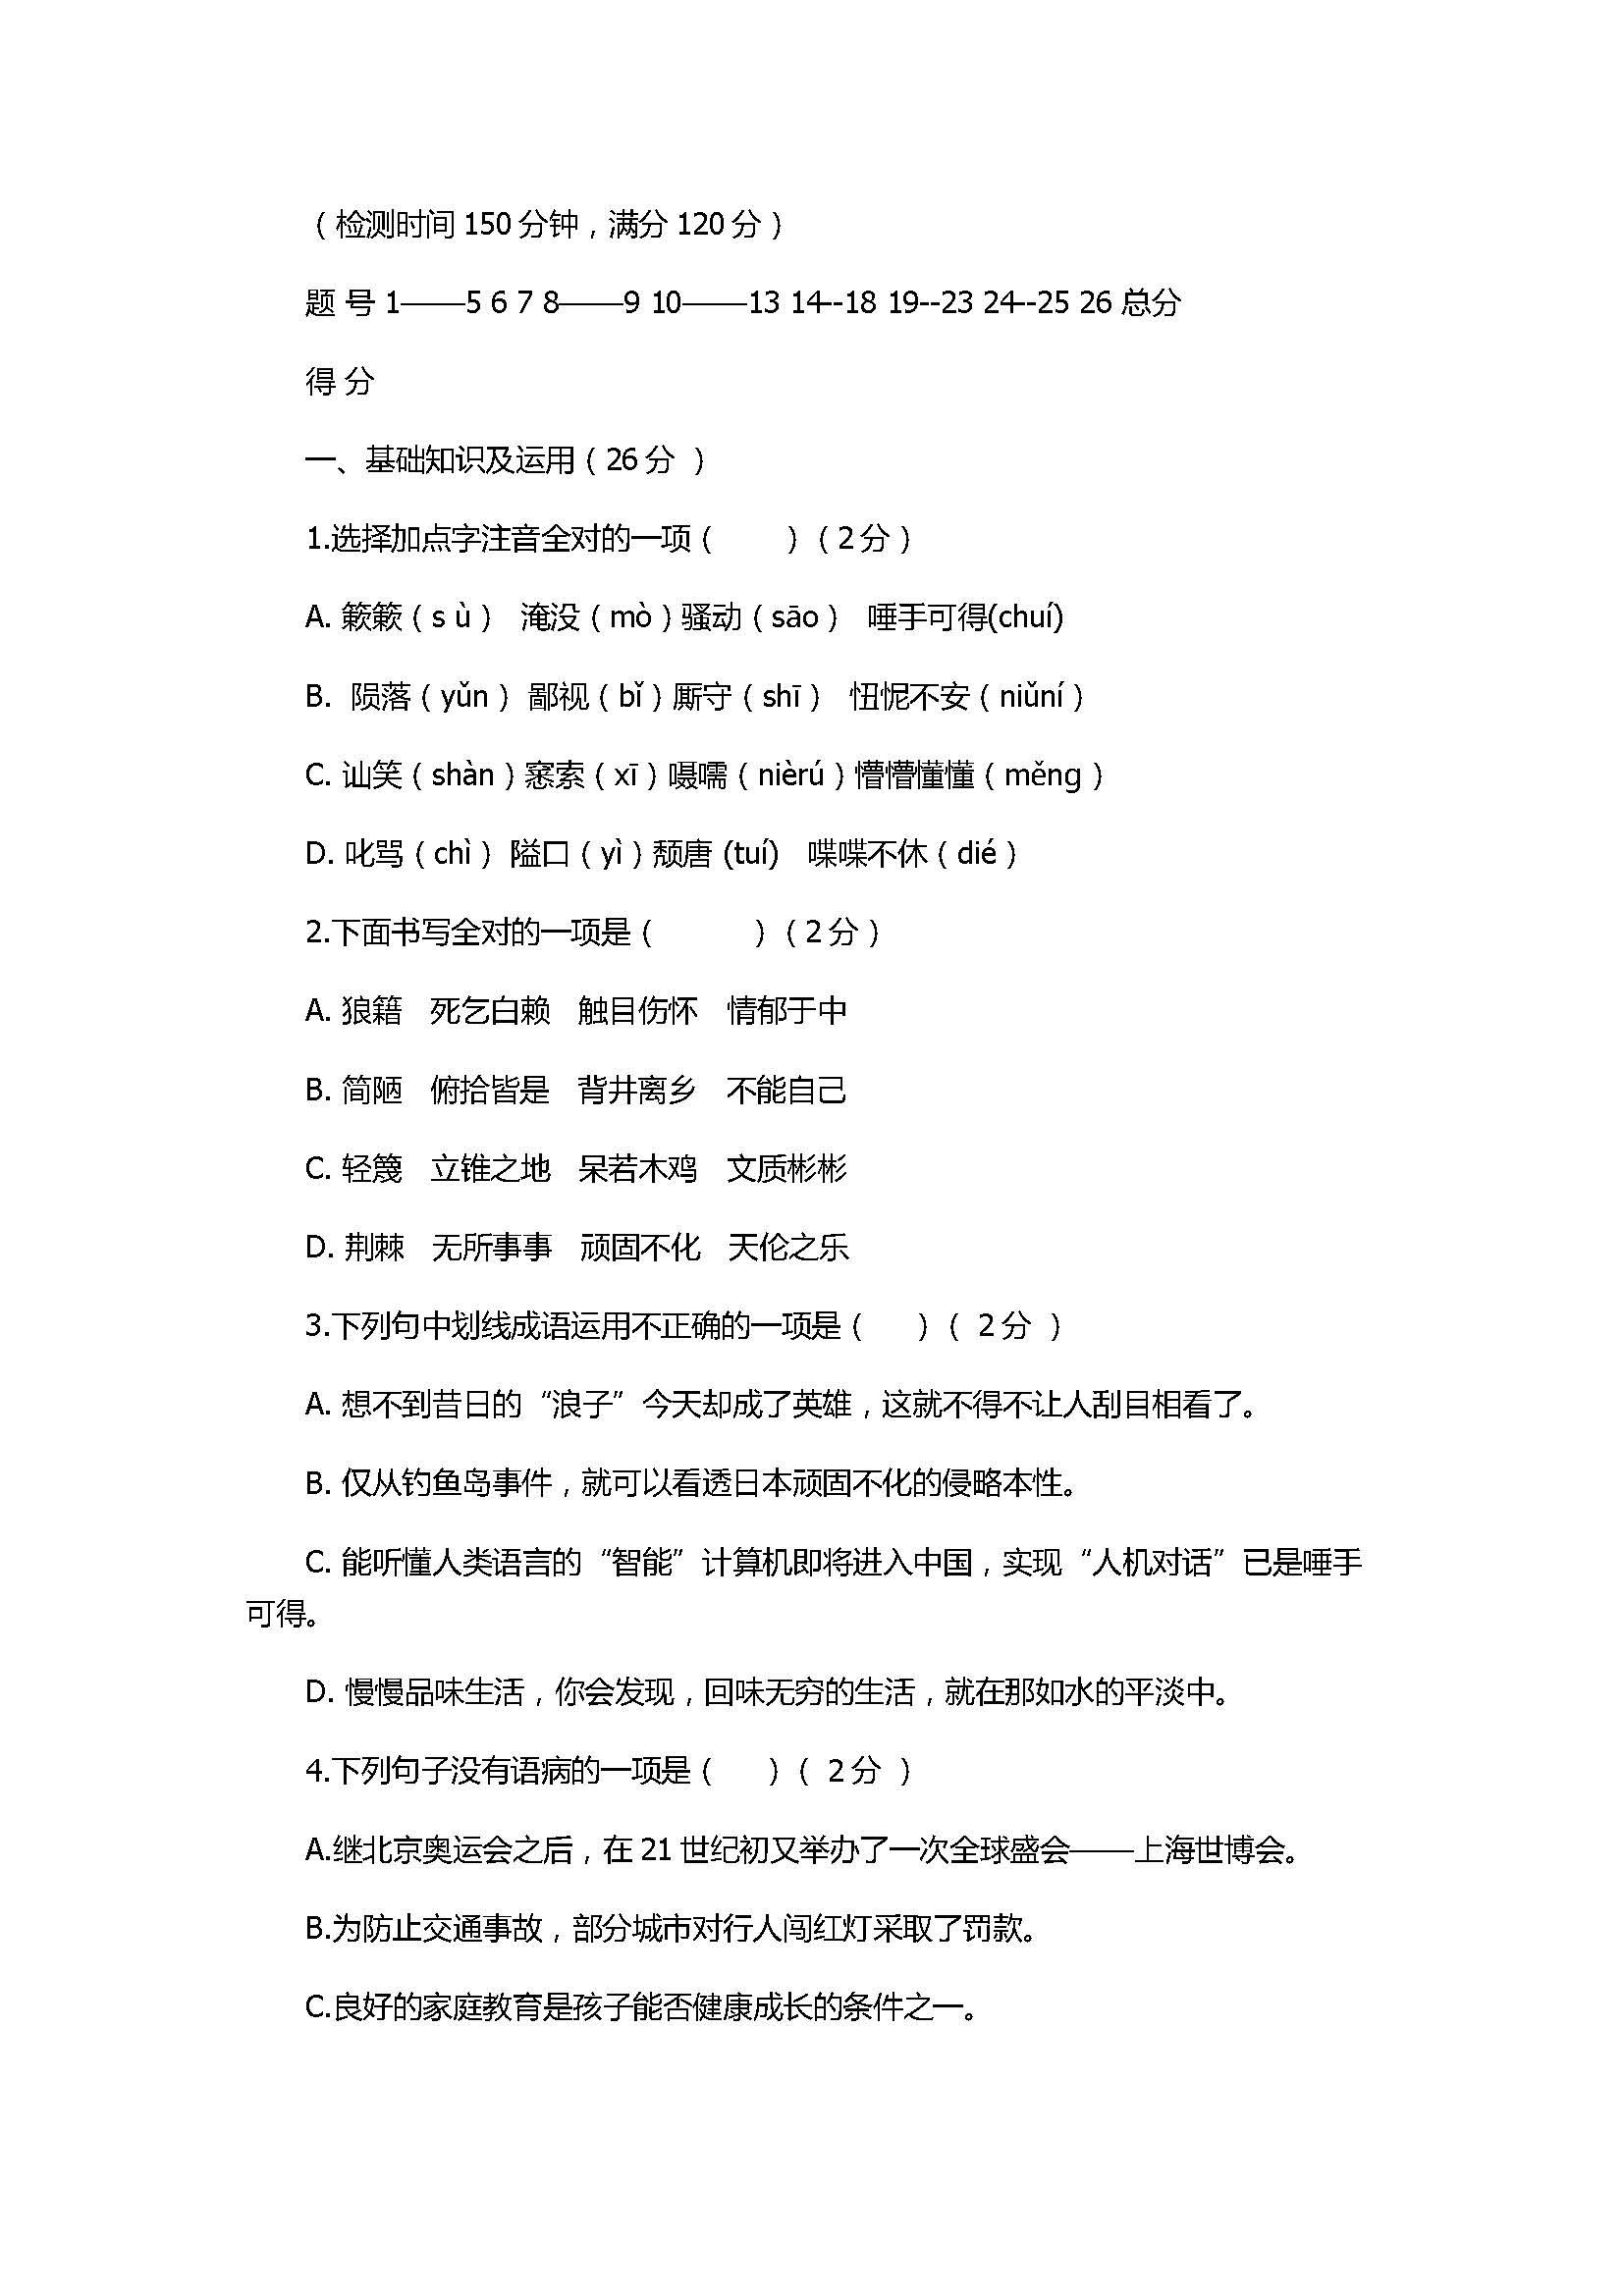 2017初二年级语文下册期中质量检测试题含答案(灌阳县)